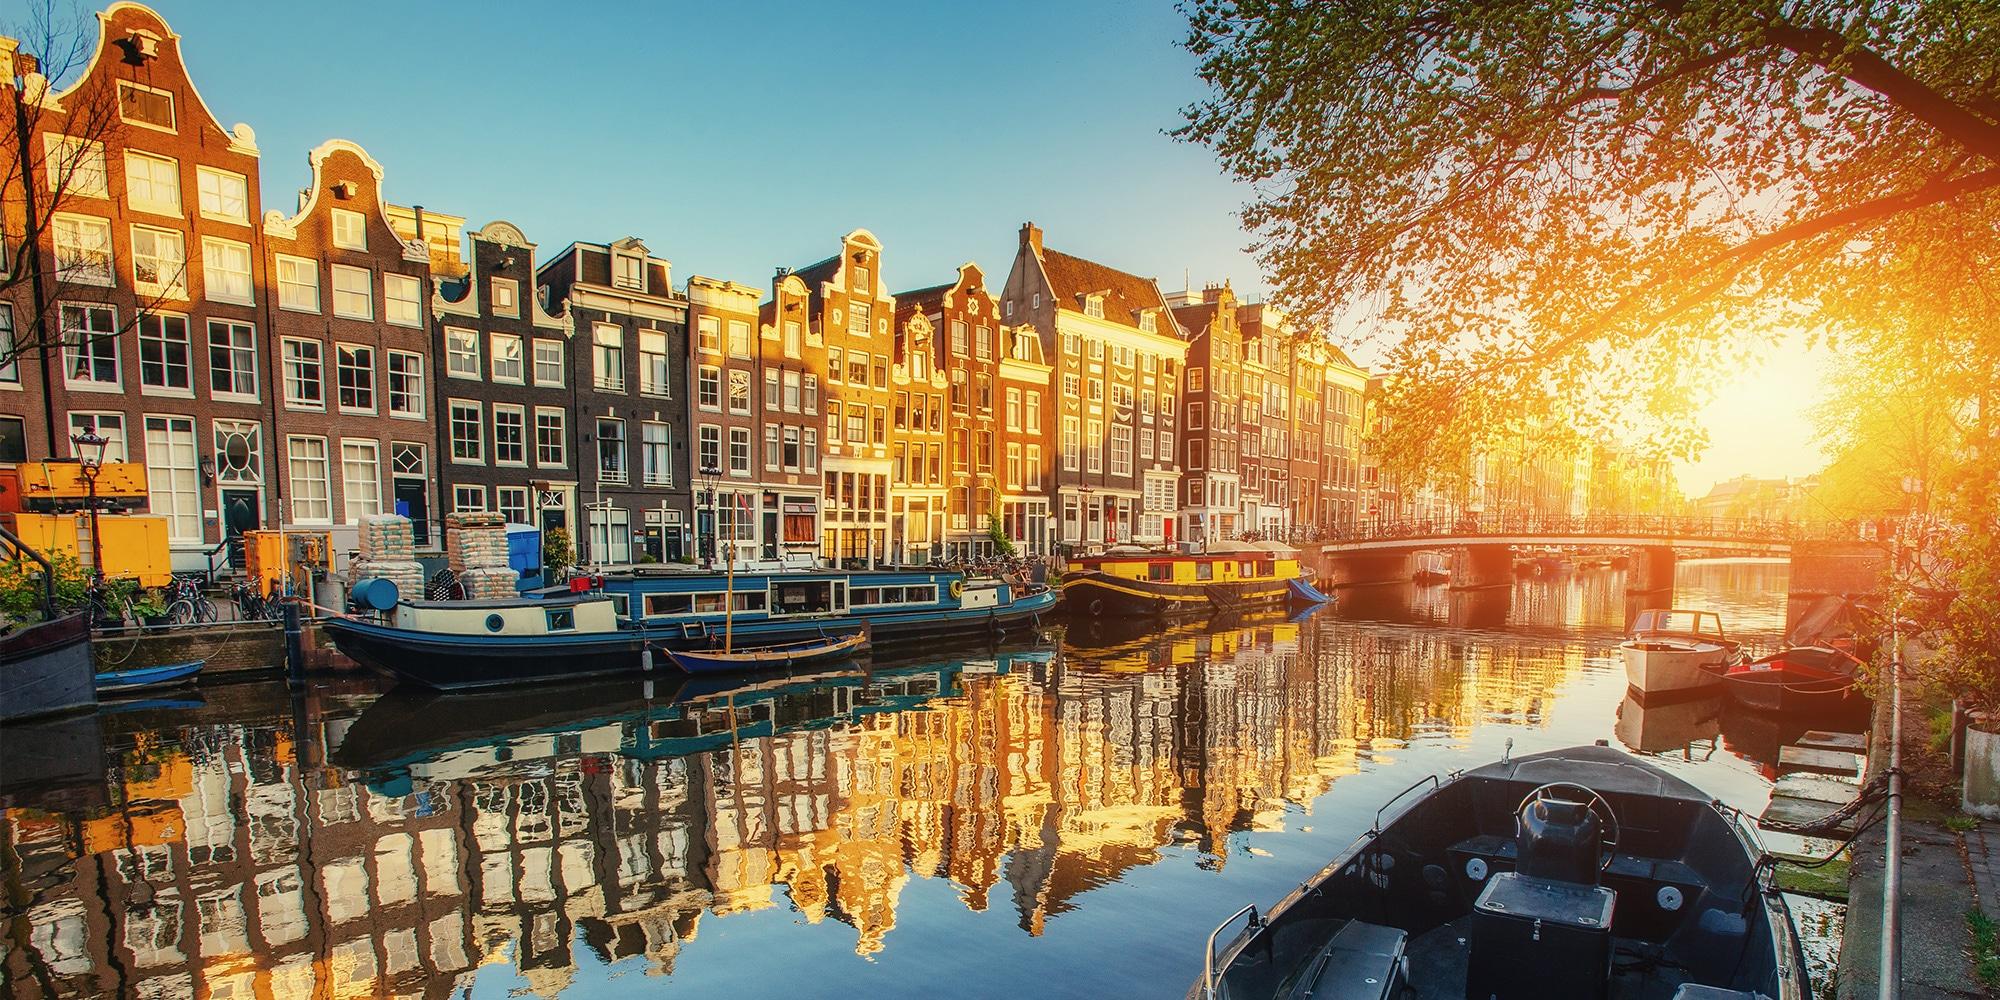 Raamovereenkomst voor Amsterdams bodemonderzoek krenten uit de pap